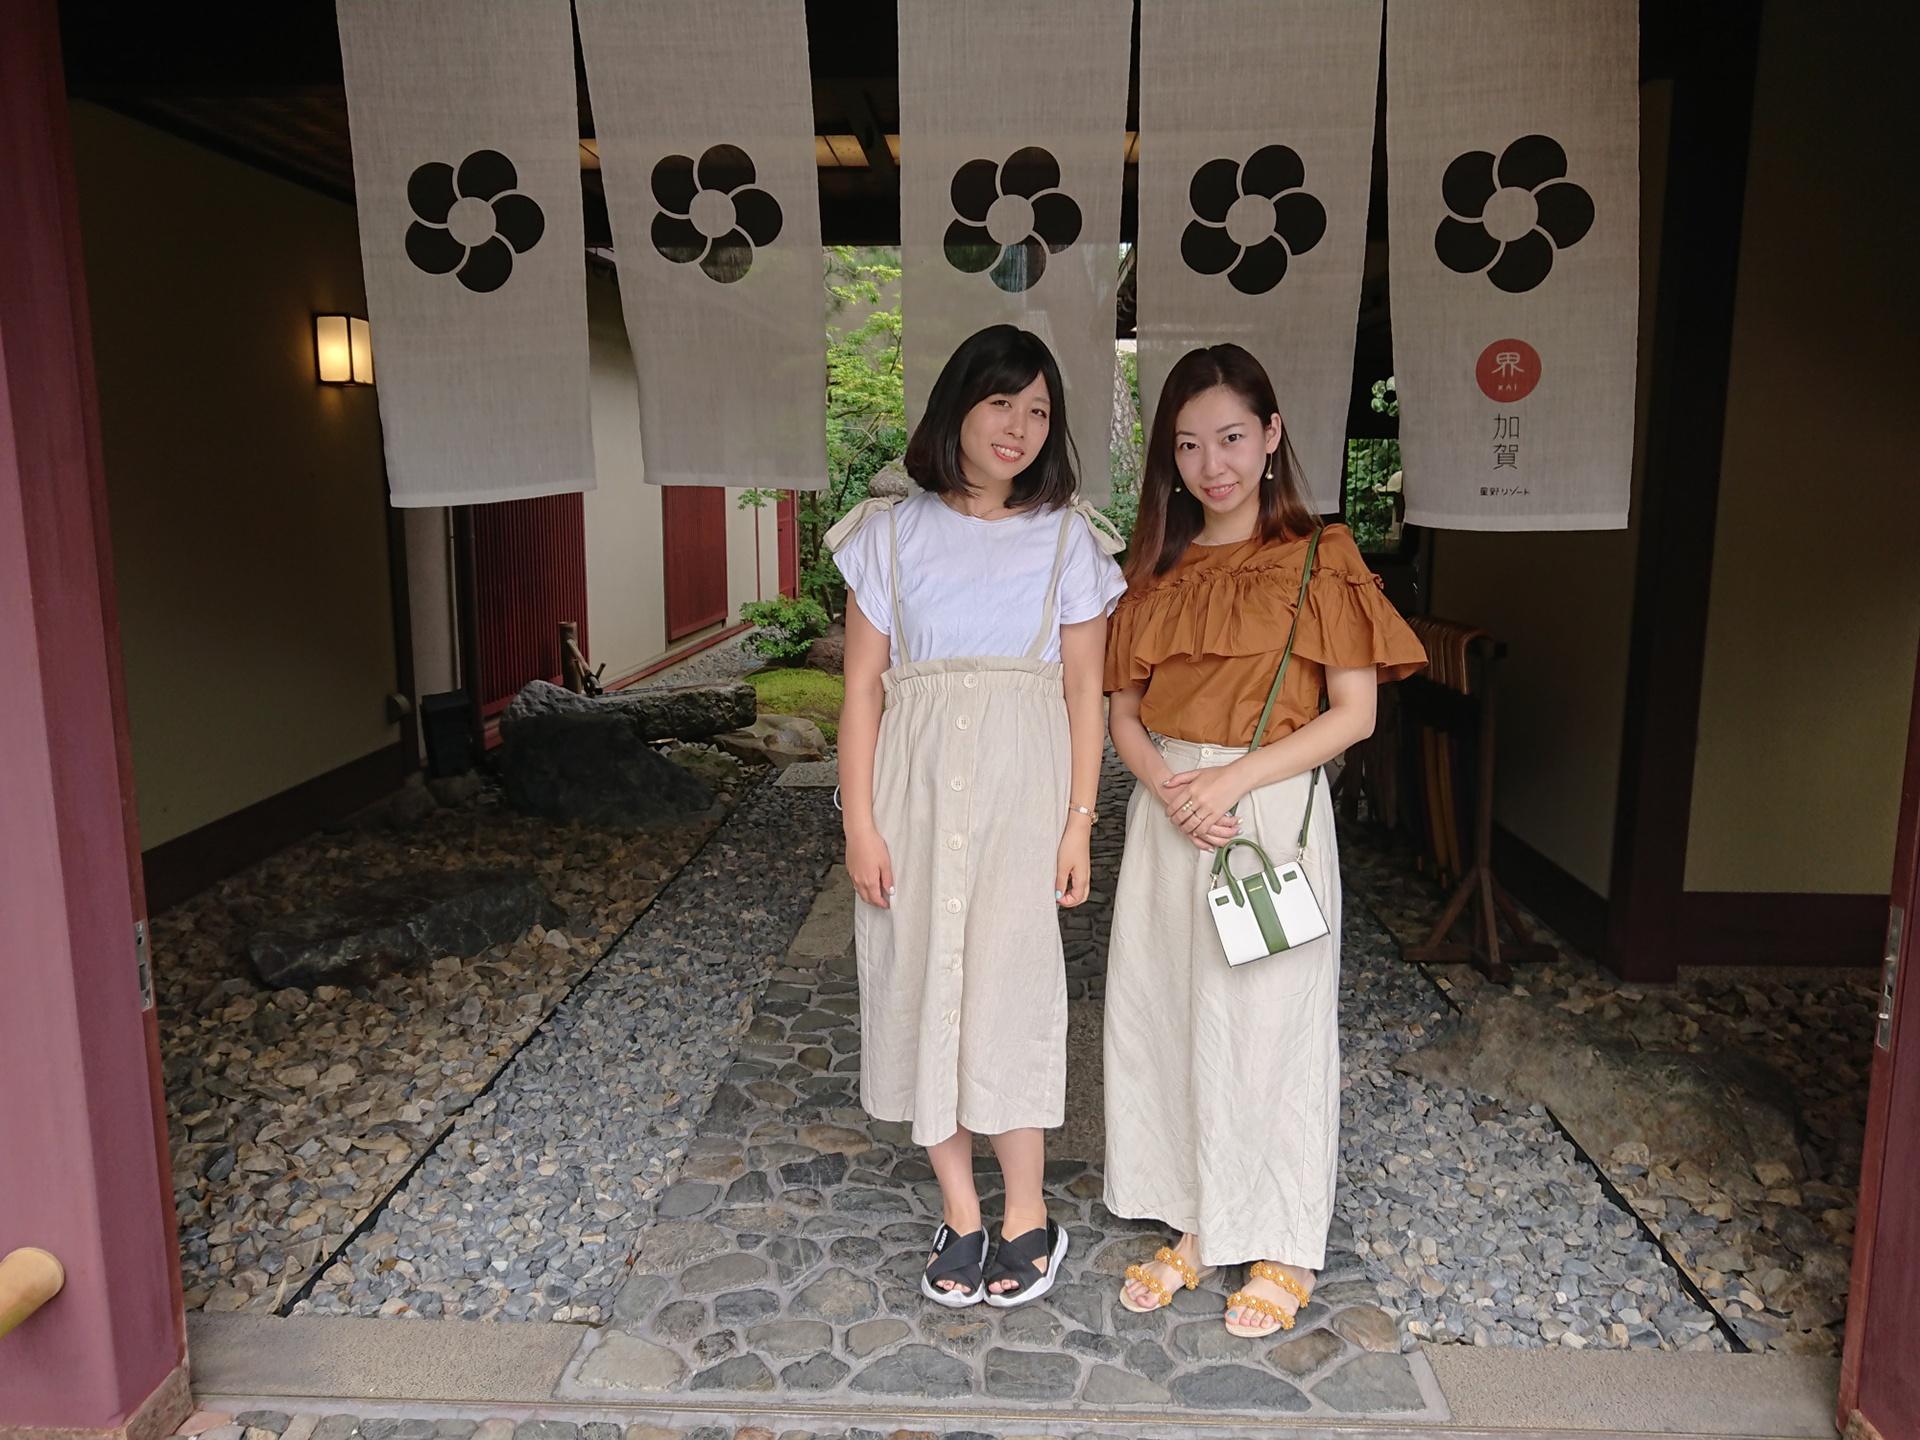 【星野リゾート 界 加賀】『界タビ20s』で温泉と伝統文化が心ゆくまで愉しめる女子旅を♡_1